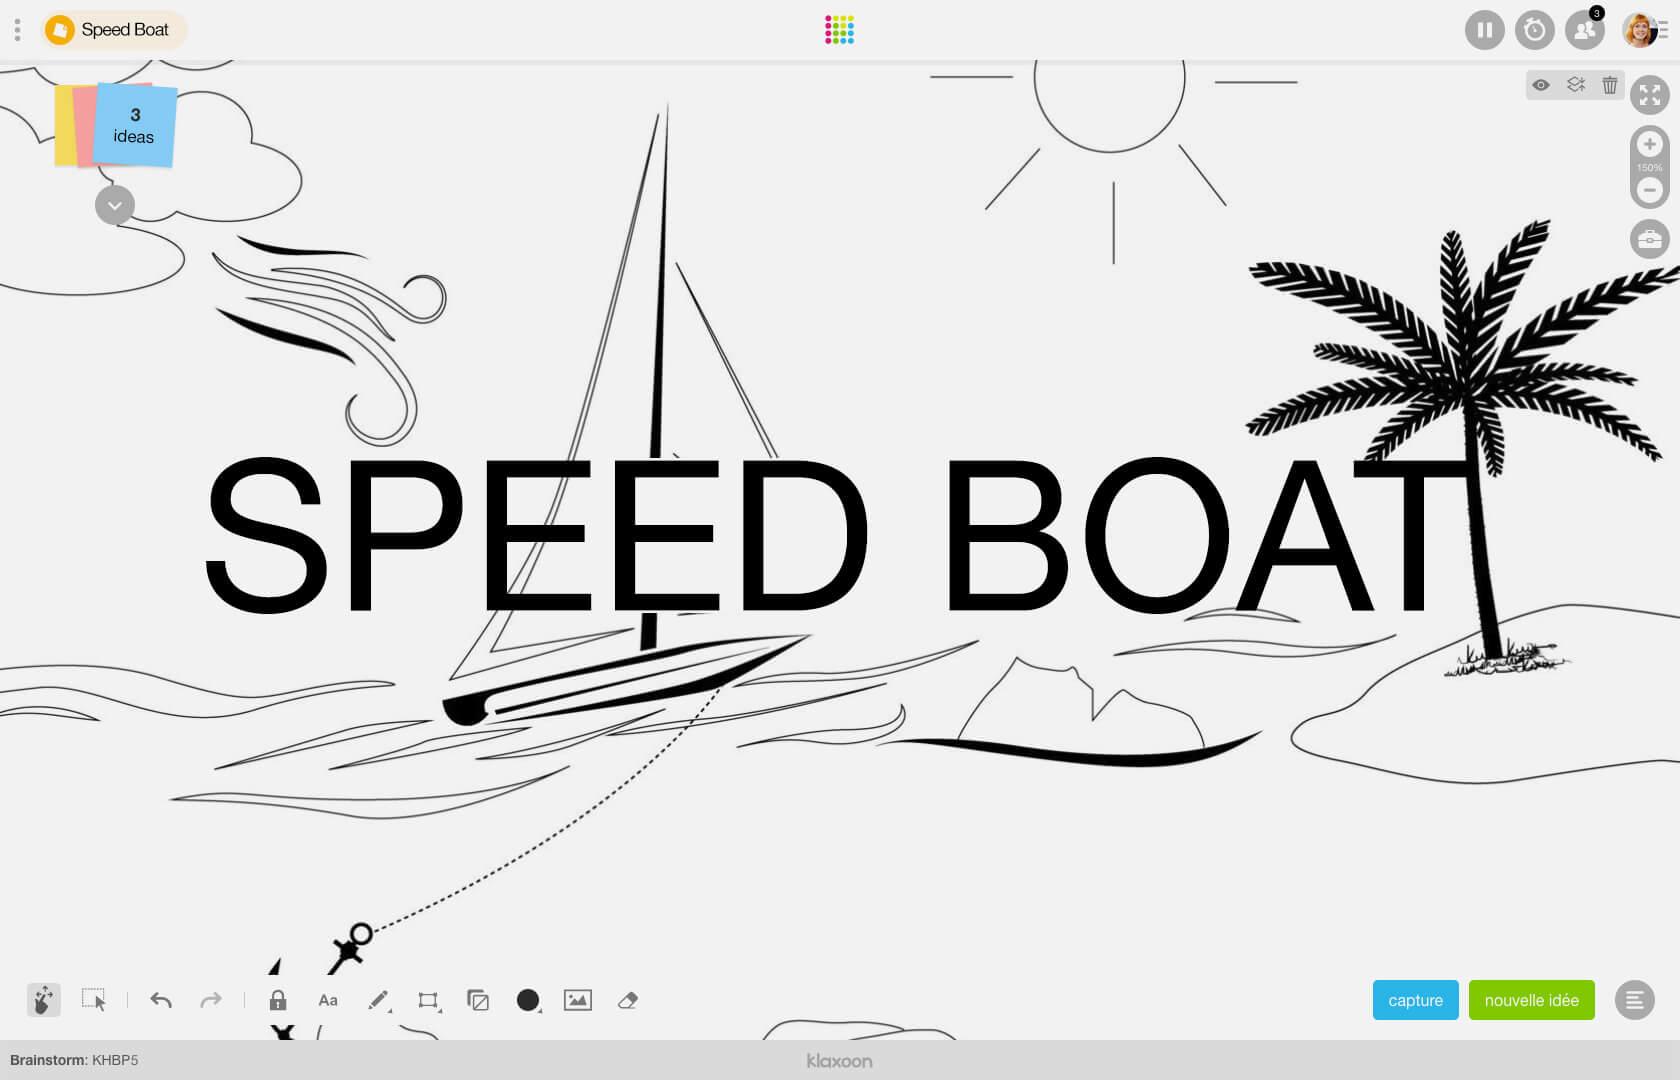 Speed boat : une méthode agile à découvrir